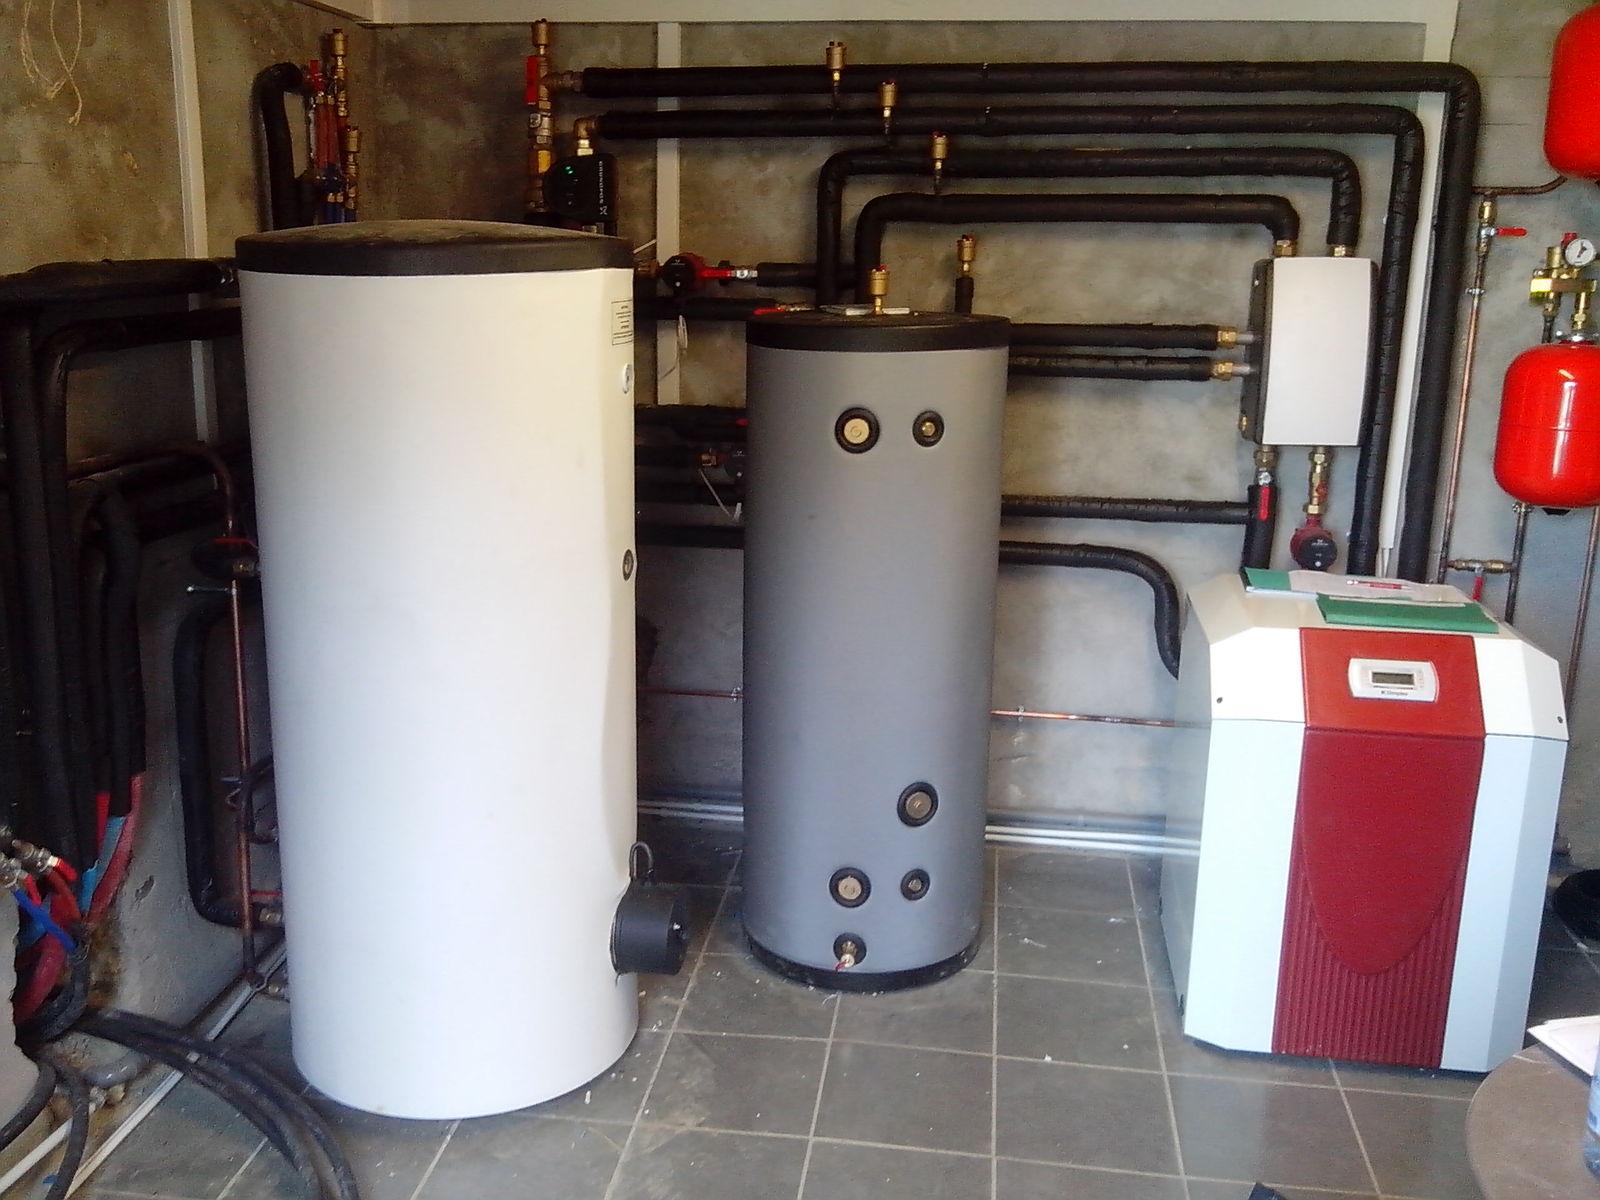 Pompe chaleur dimplex energies naturels for Installation pompe a chaleur